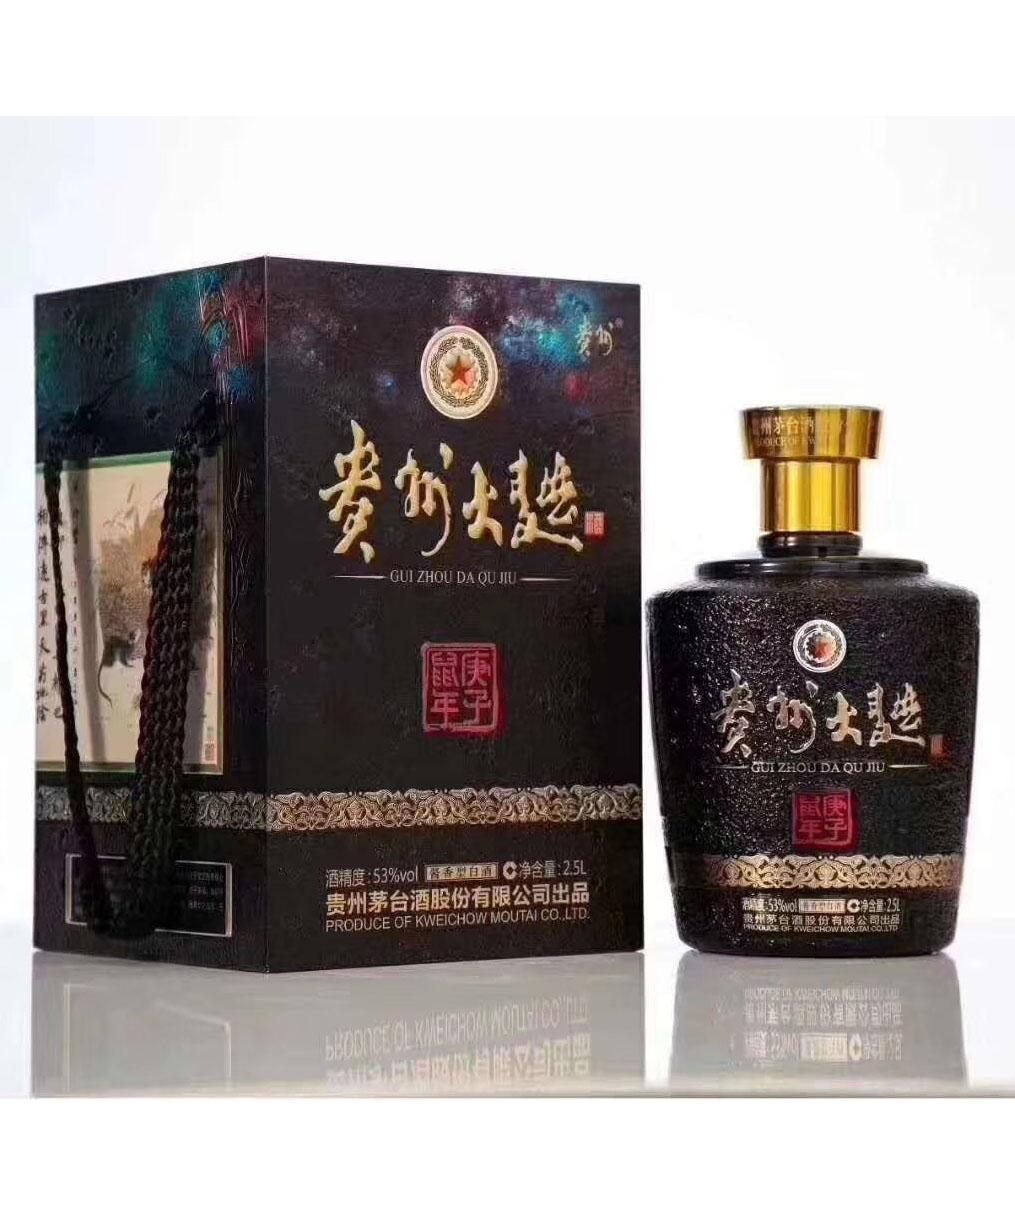 贵州大曲鼠年坛装纪念酒53度(2500ML)